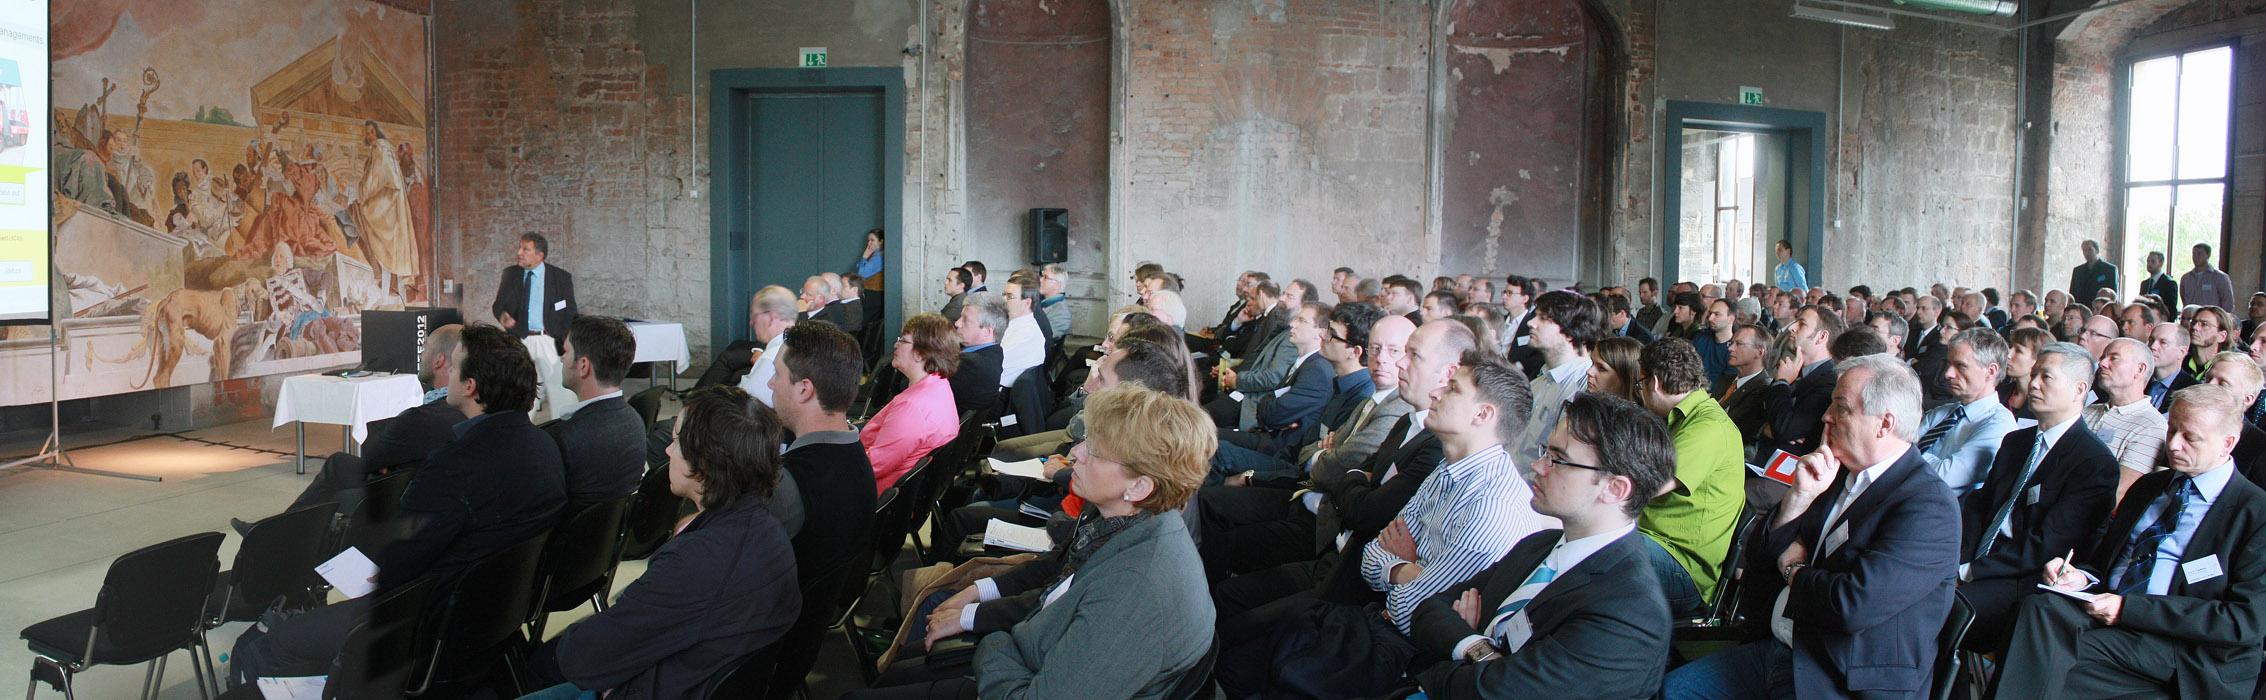 Plenarvortrag-EEE2012